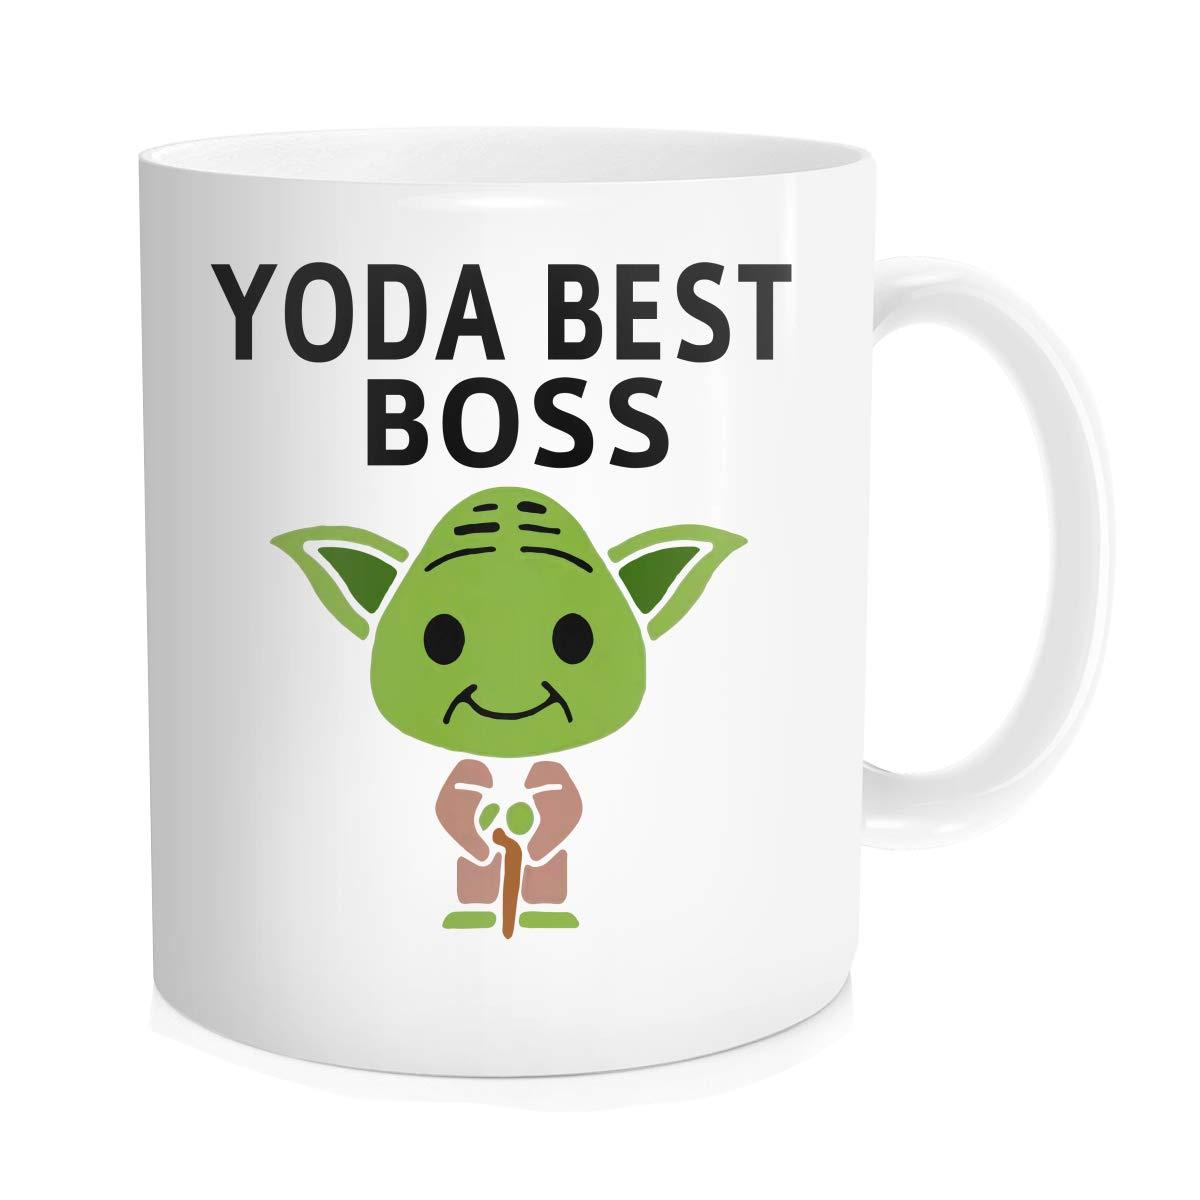 Best Boss Coffee Mug - Boss' day gifts